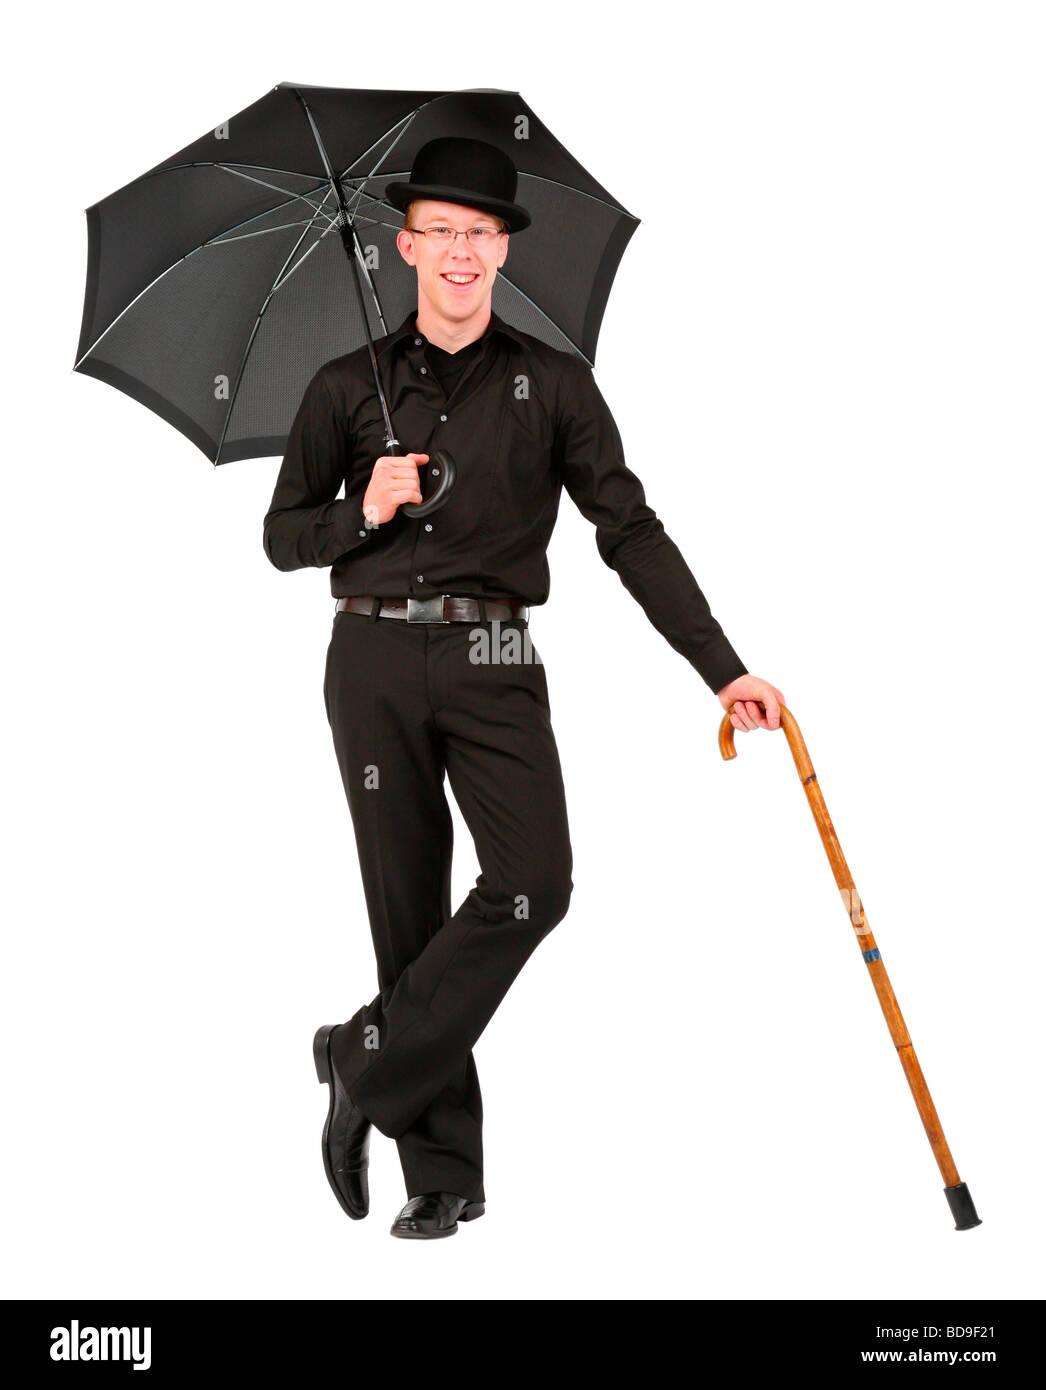 4e02b09ace2 Bowler Hat Umbrella Stock Photos   Bowler Hat Umbrella Stock Images ...